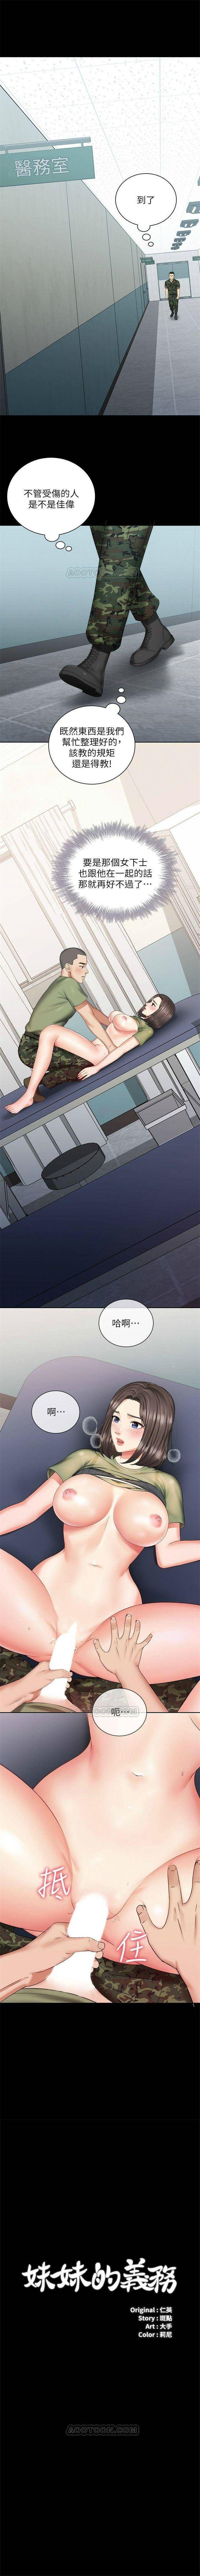 妹妹的義務 1-38 官方中文(連載中) 119